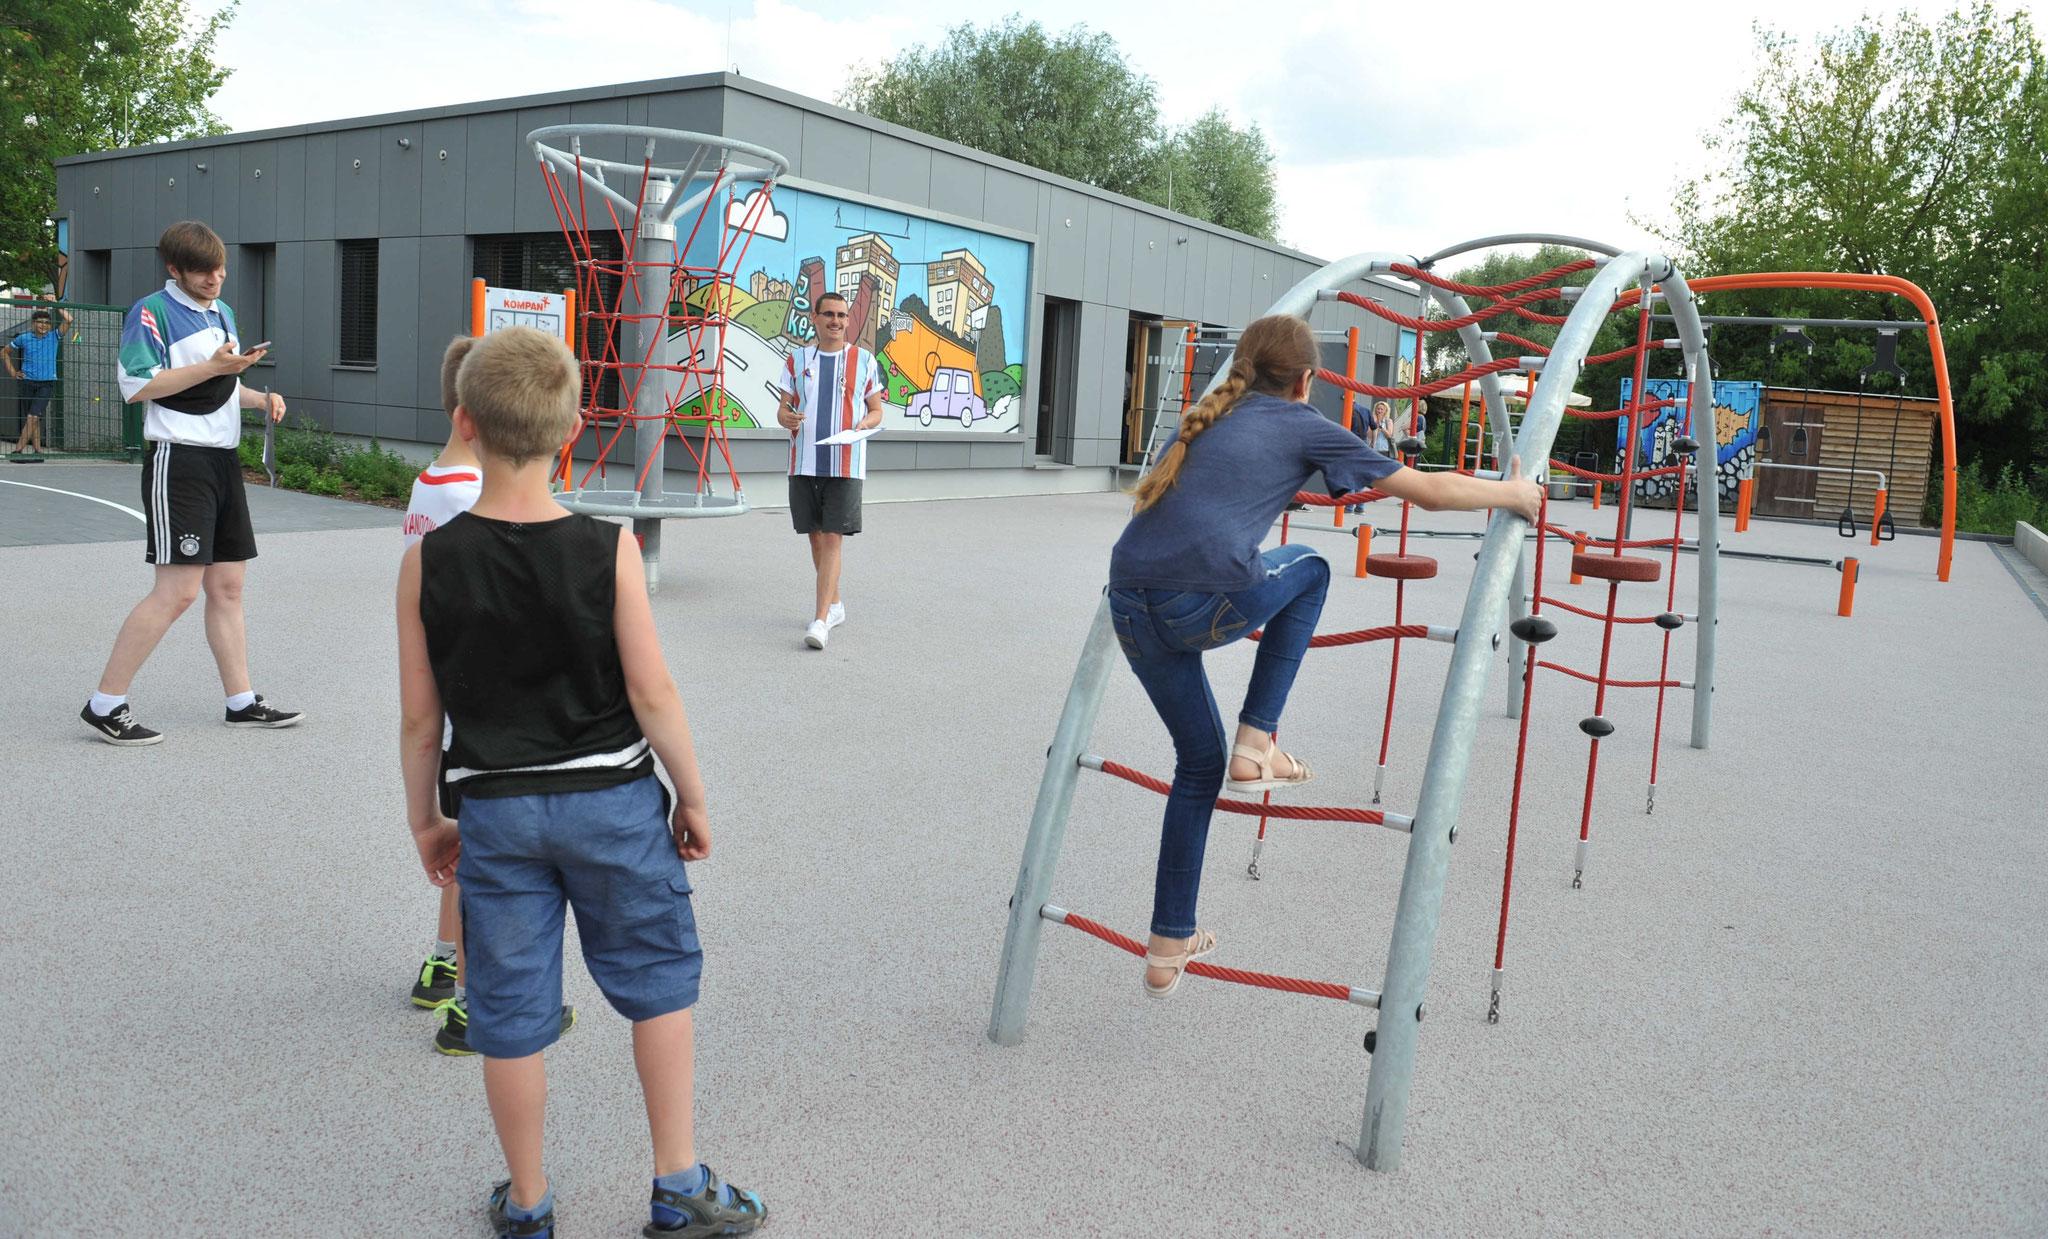 Am Hangelbogen startete die kleine Olympiade. © pressefoto-uhlemann.de